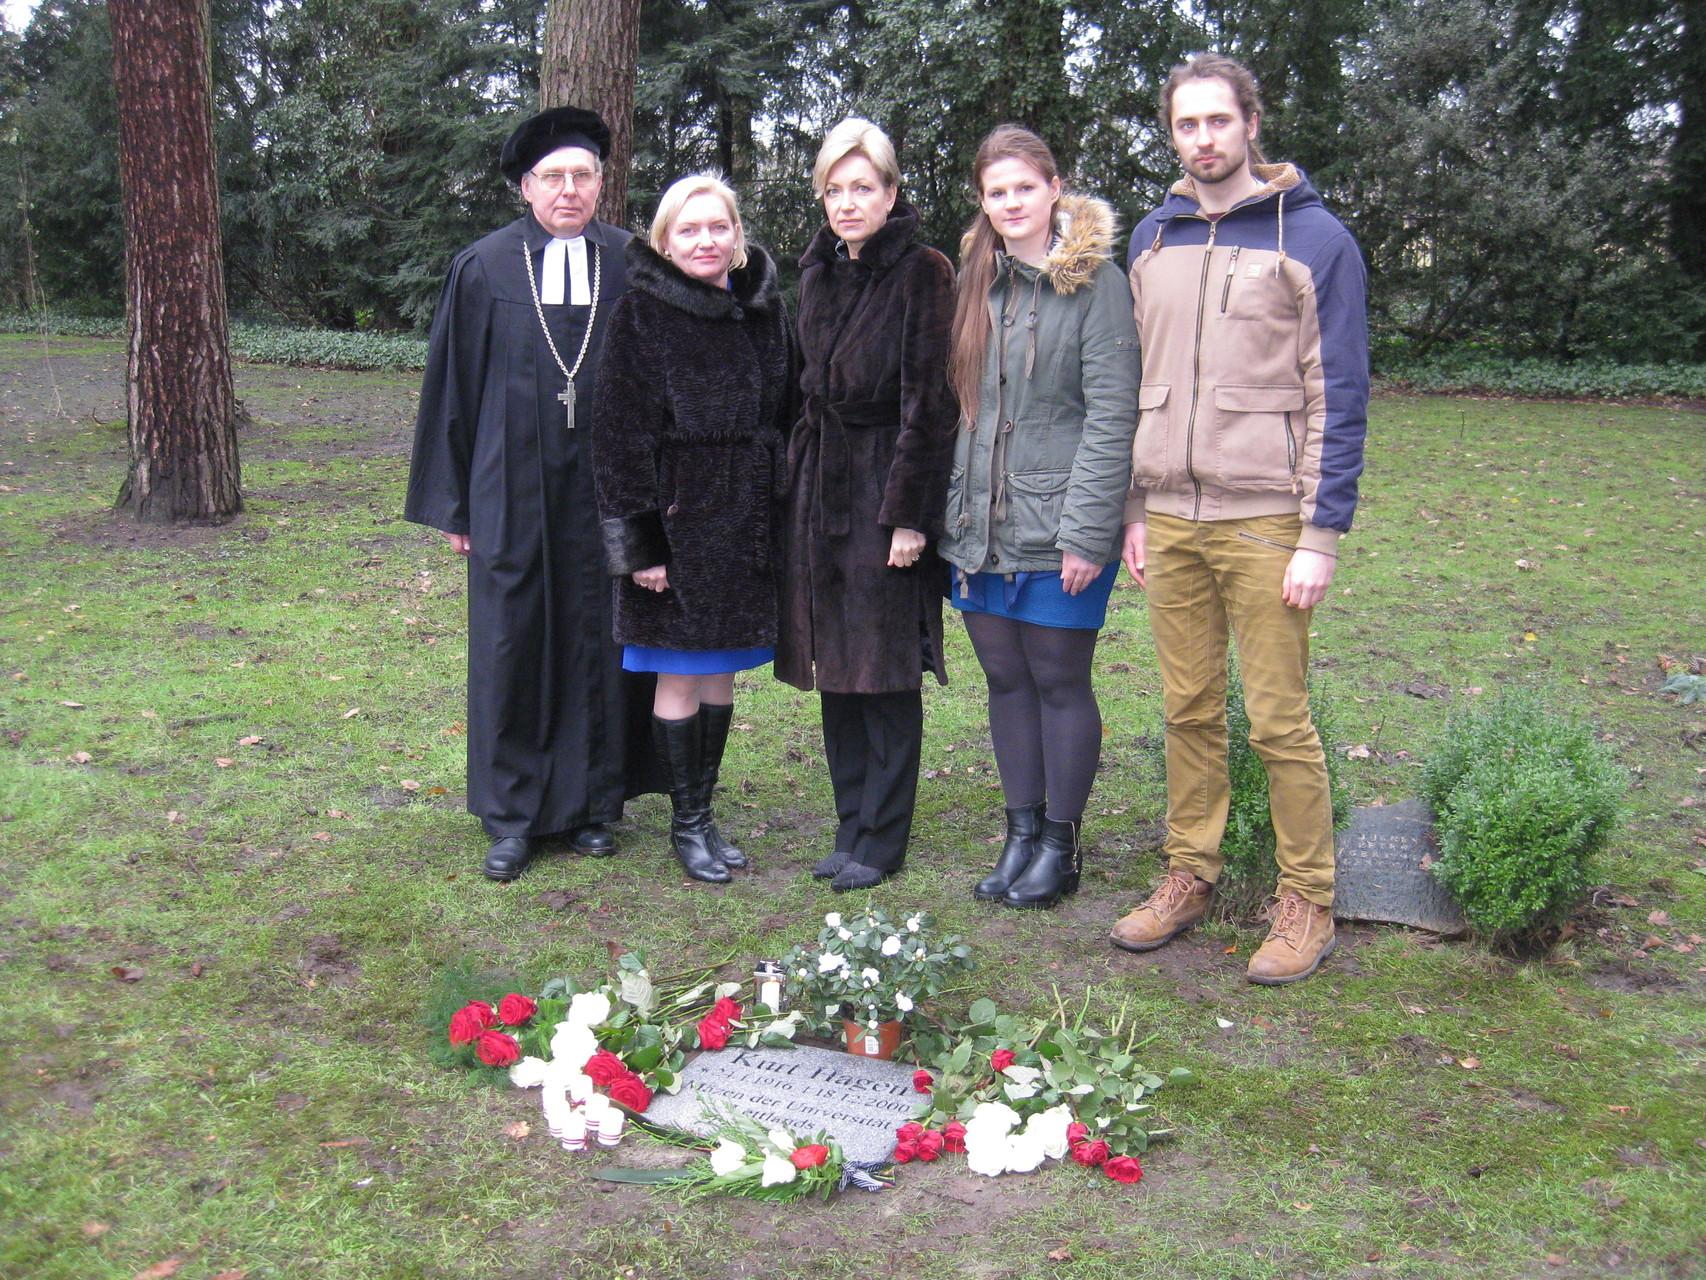 Pie Kurta Hāgena kapa: Elmārs E. Rozītis, Laila Kundziņa, Elīna Kuzma, stipendiāti Elīna Didrihsone un Toms Rēķis